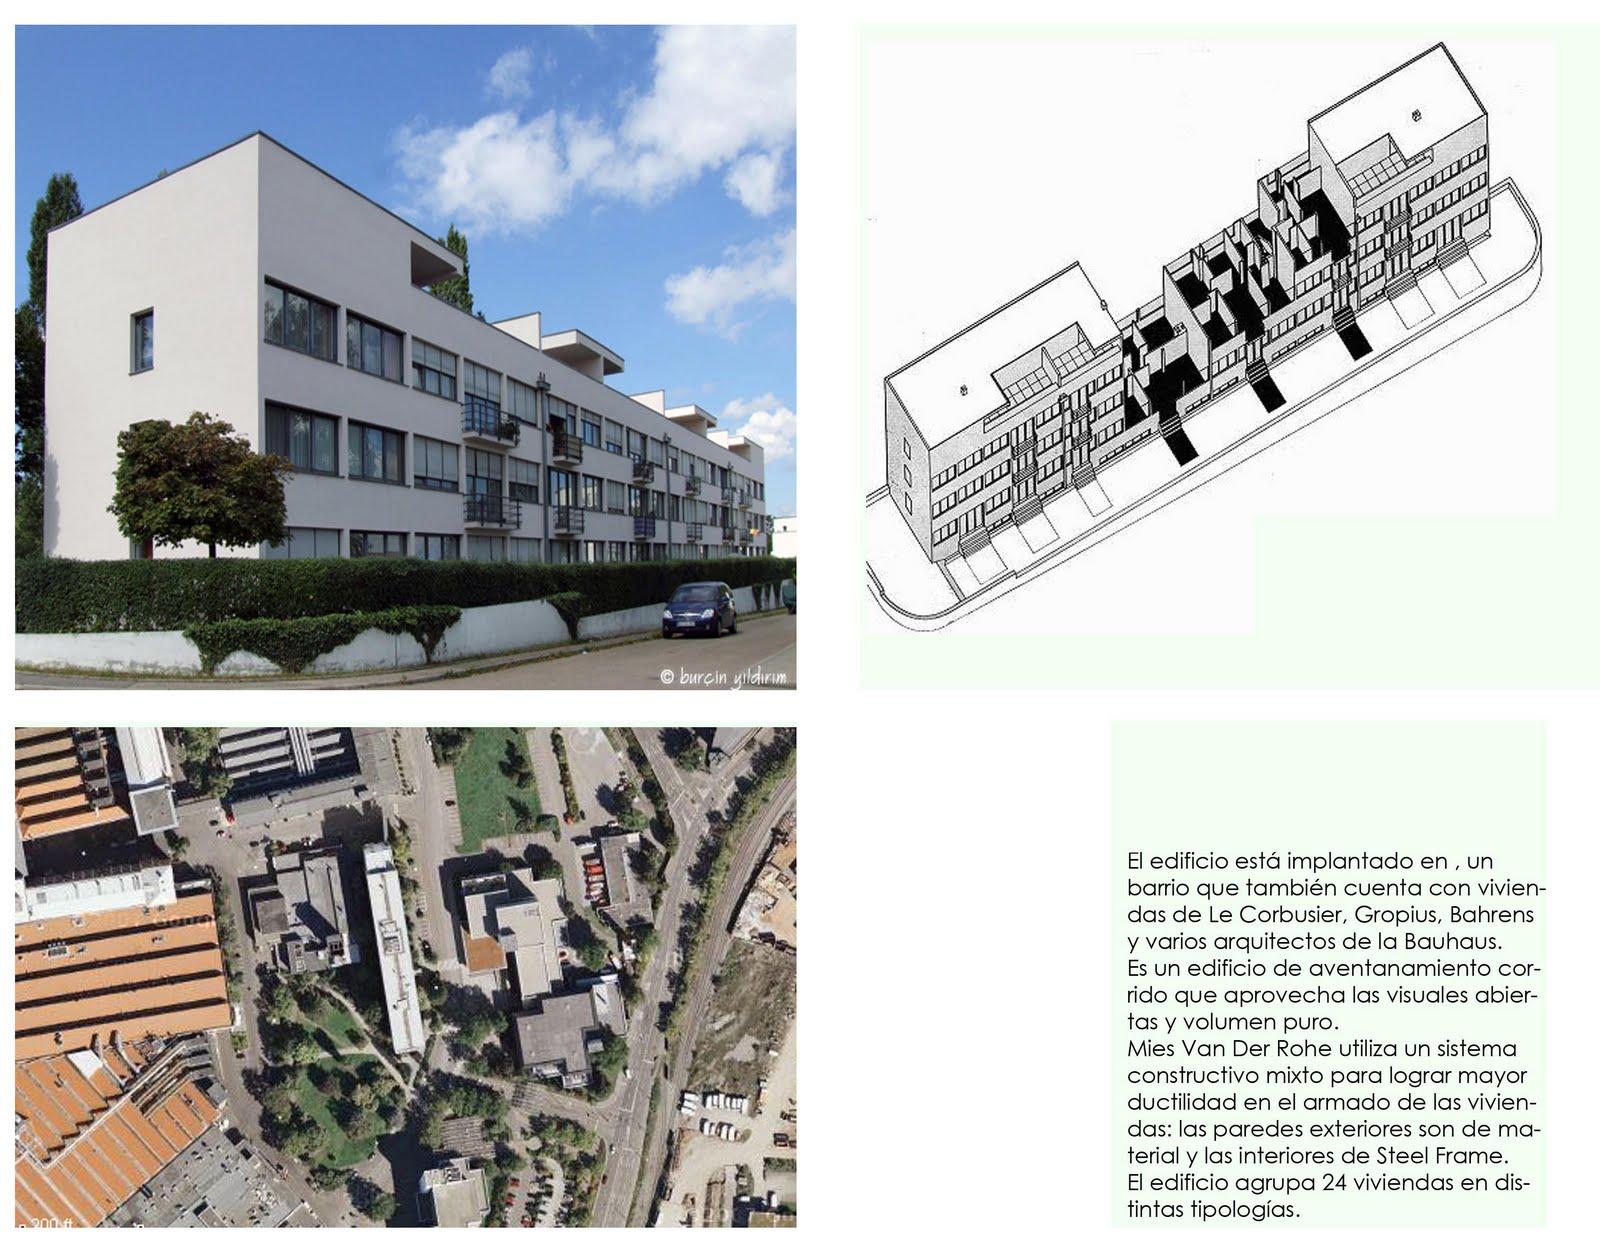 Taller de arquitectura mies van der rohe edificio en Noticias de arquitectura recientes